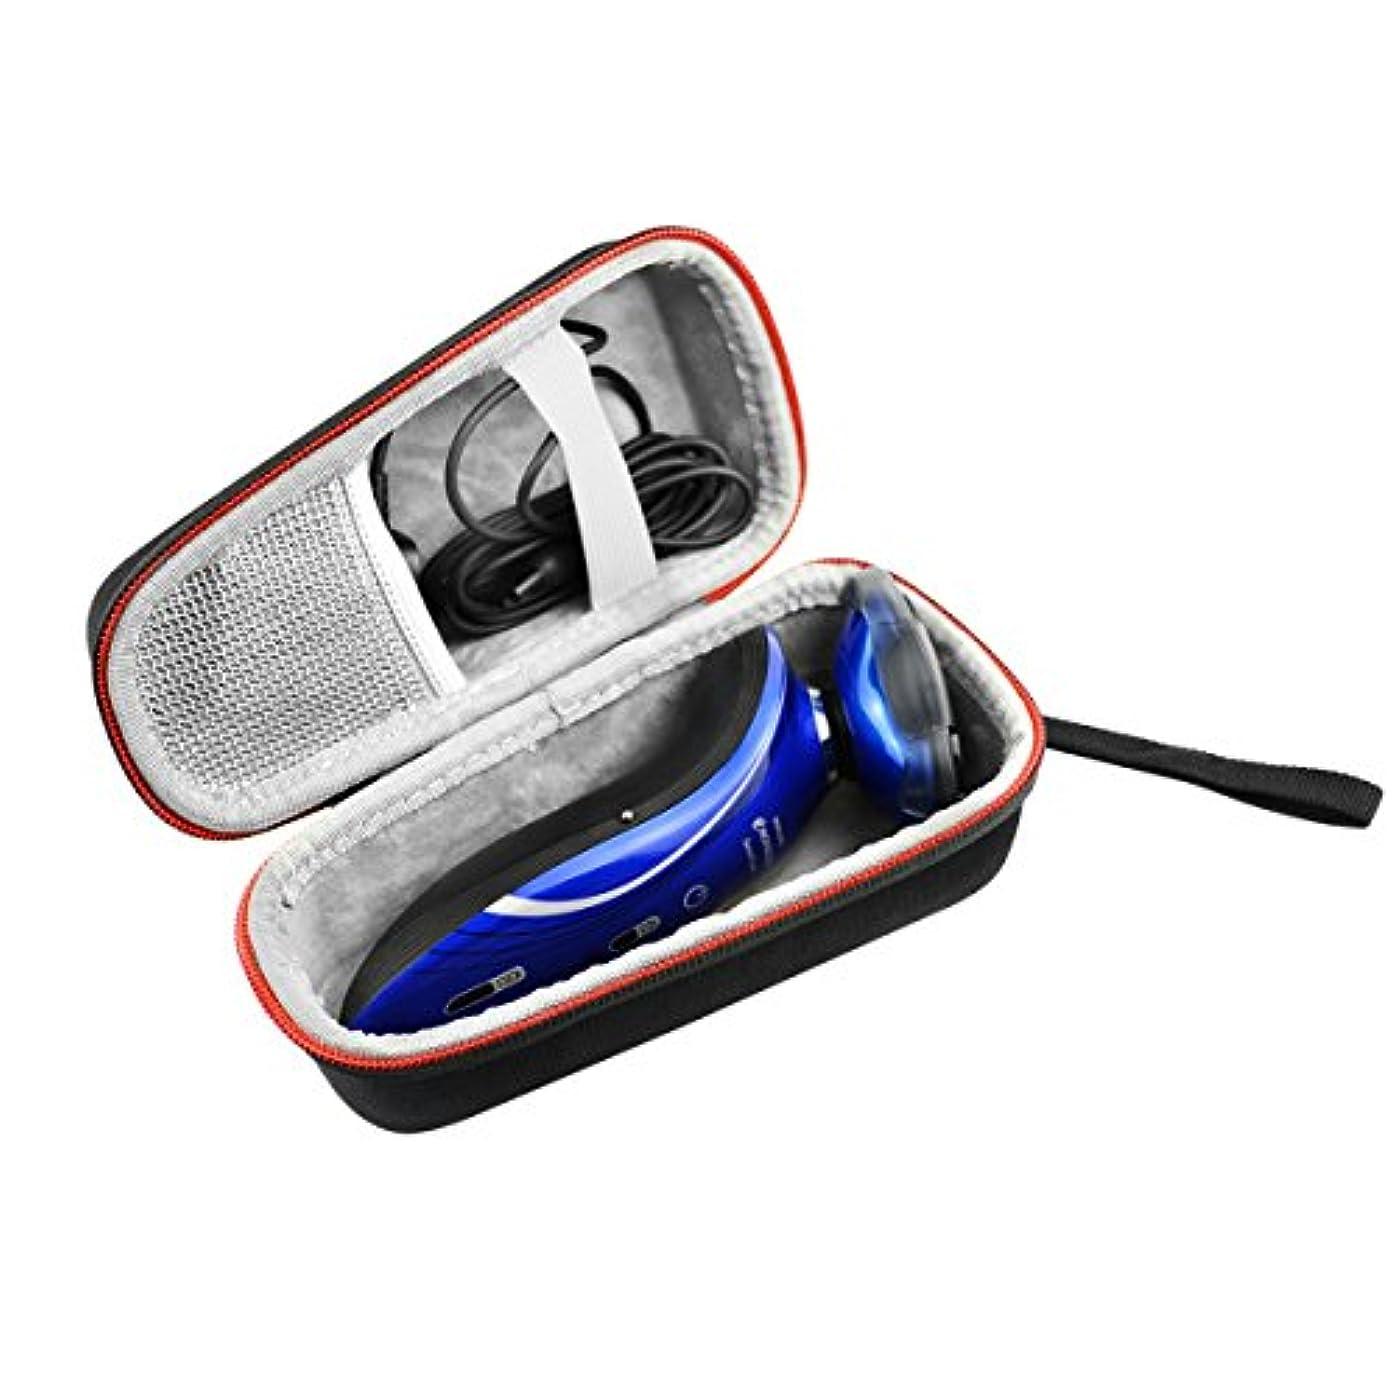 喉頭ラボタオルPhilips フィリップス メンズシェーバー 5000シリーズ S5390/26 S5390/12 S5397/12 S5076/06 S5212/12 S5272/12 S5251/12 S5075/06 S5050...